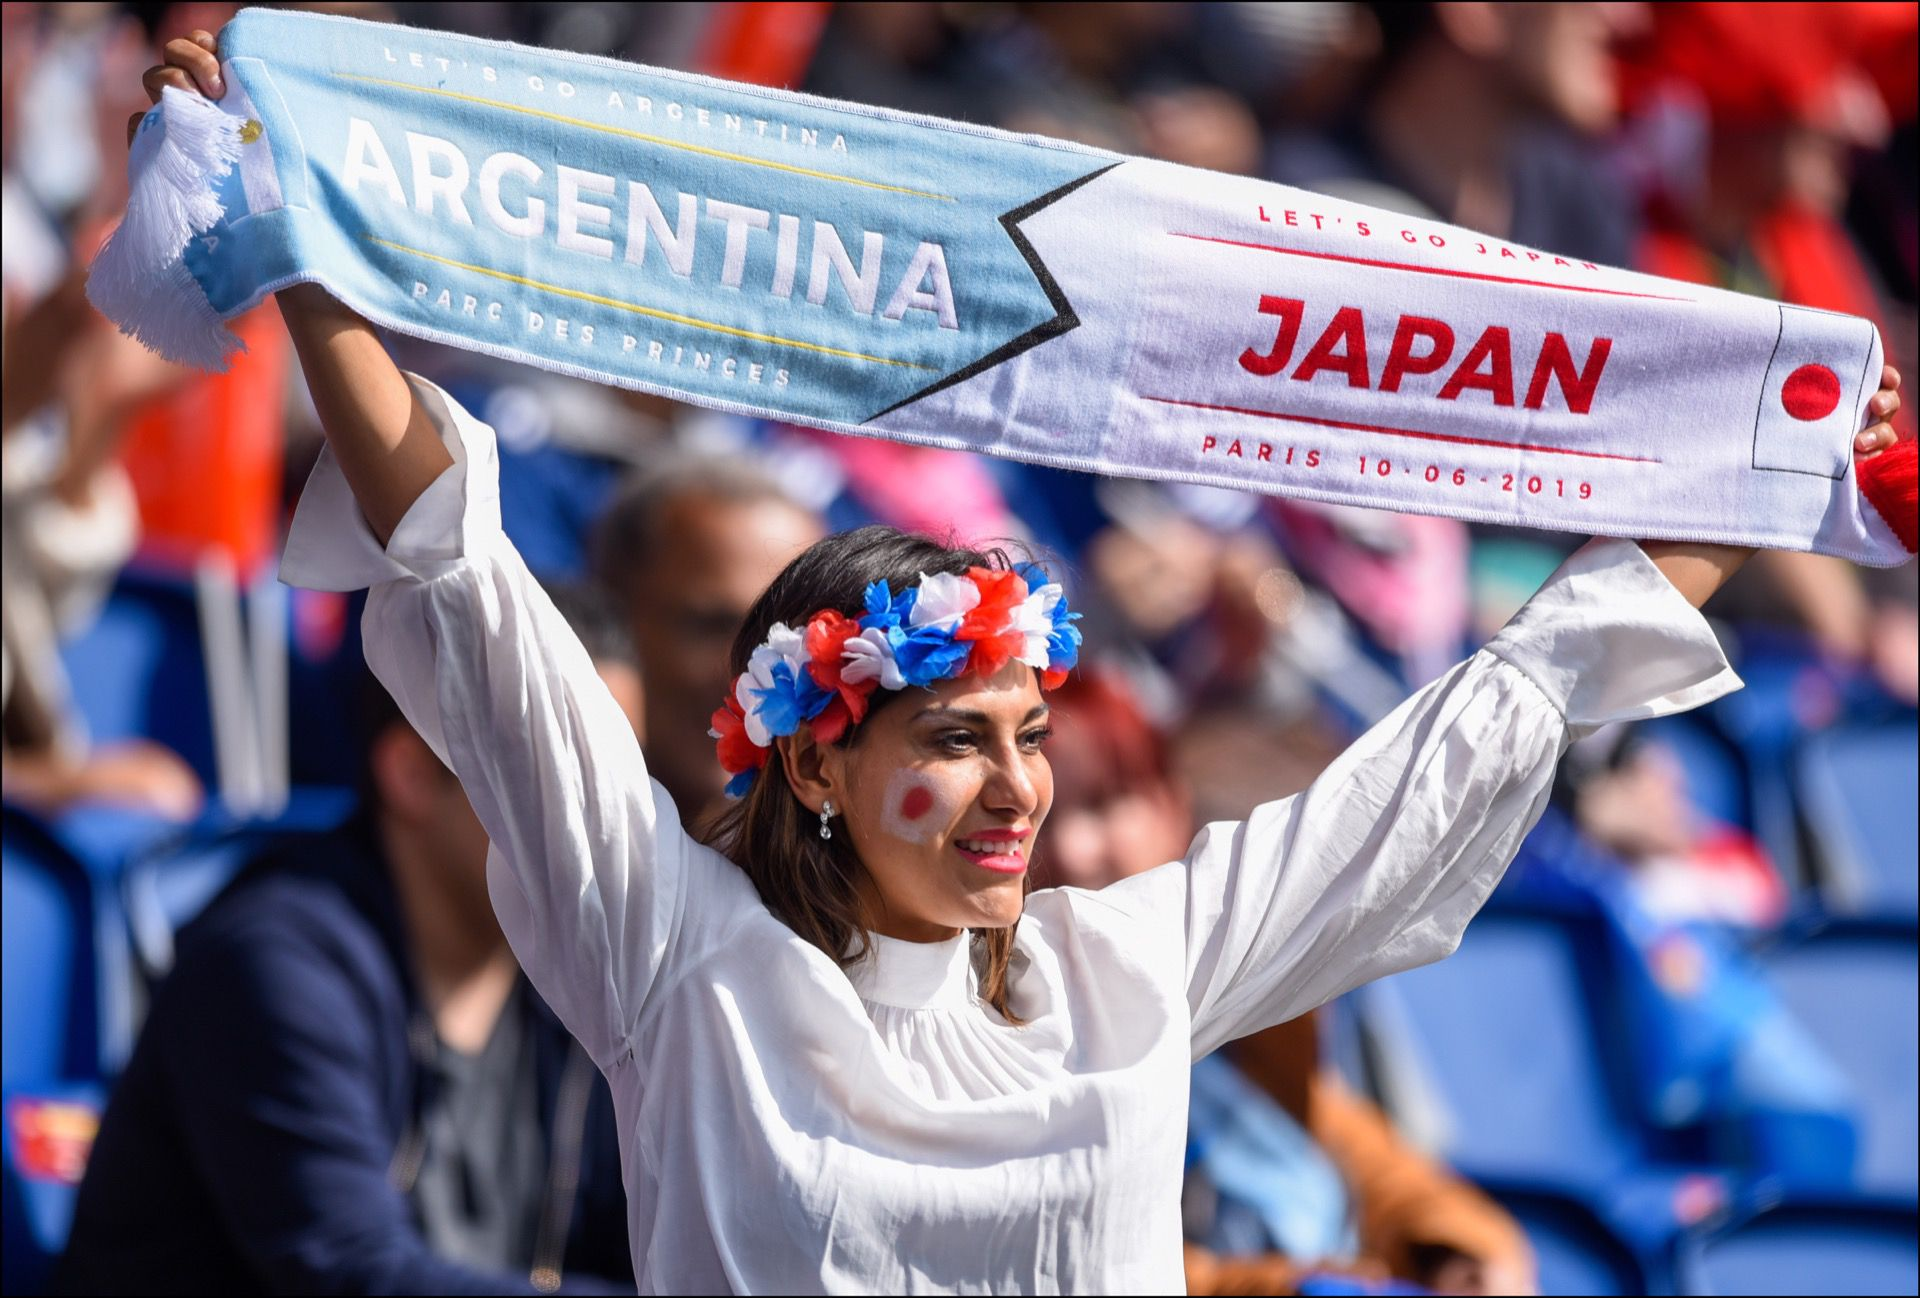 El mundial de fútbol de mujeres llama la atención más que nunca y las redes sociales trasladan la pasión que se vive en la cancha.